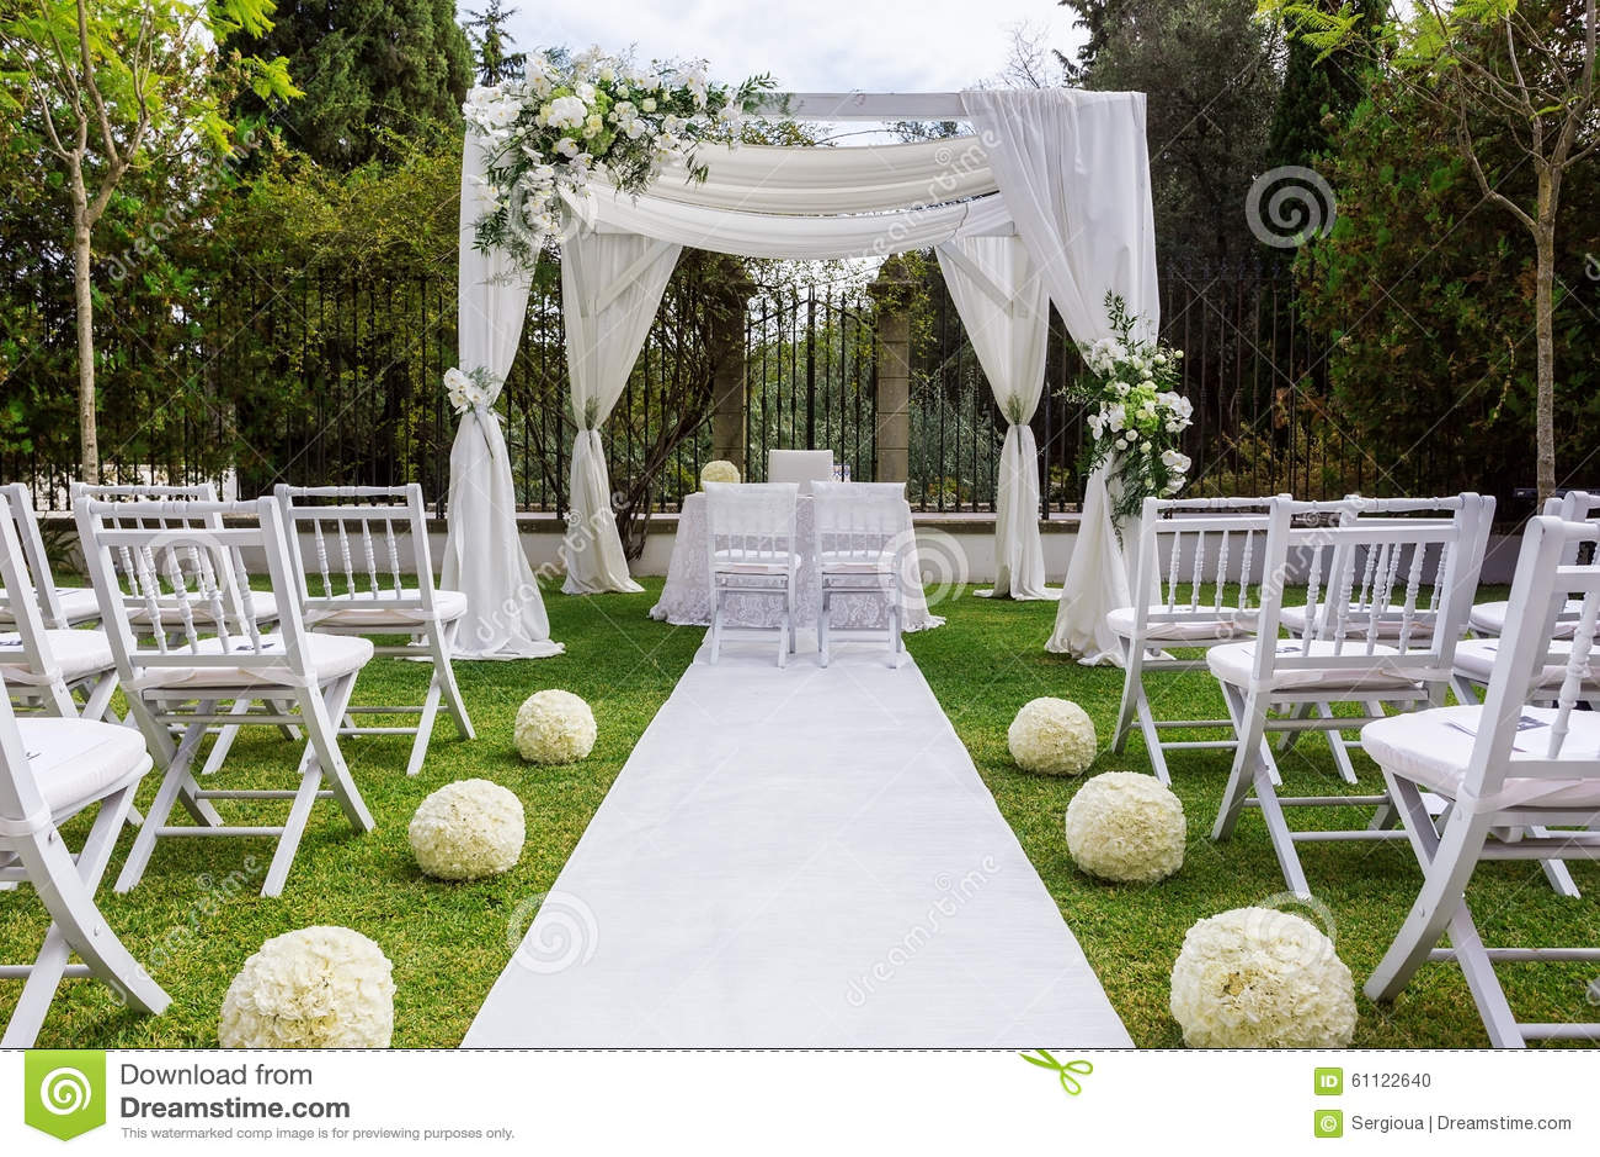 Bien Mariage Dans Un Jardin Decoration #6: Decoration Mariage Exterieur Jardin Votre Heureux Blog Photo De